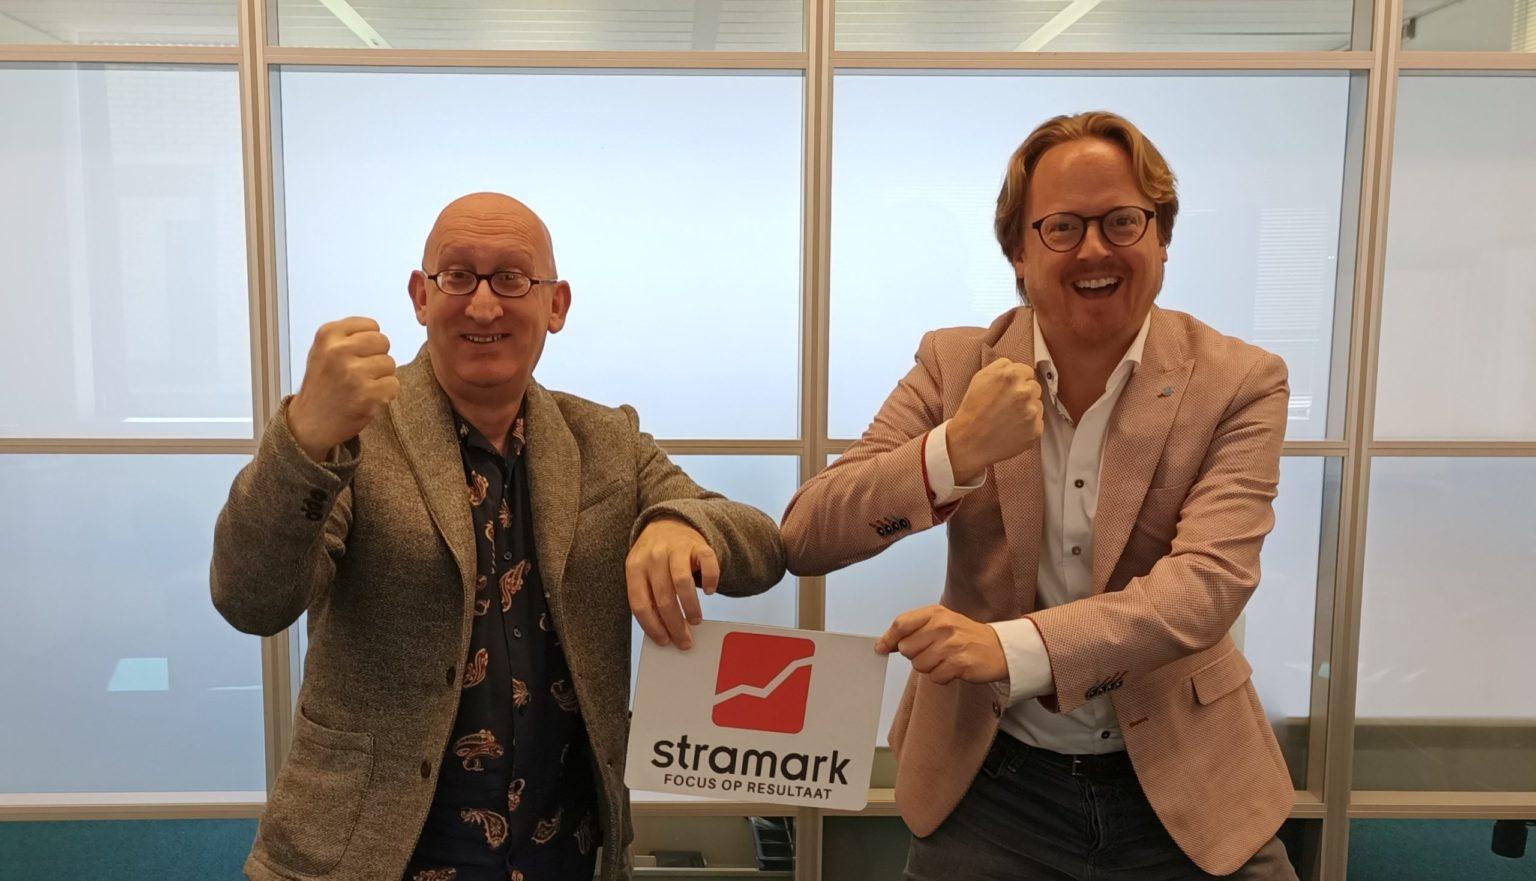 Hans van Schip overstap mediatrend naar stramark